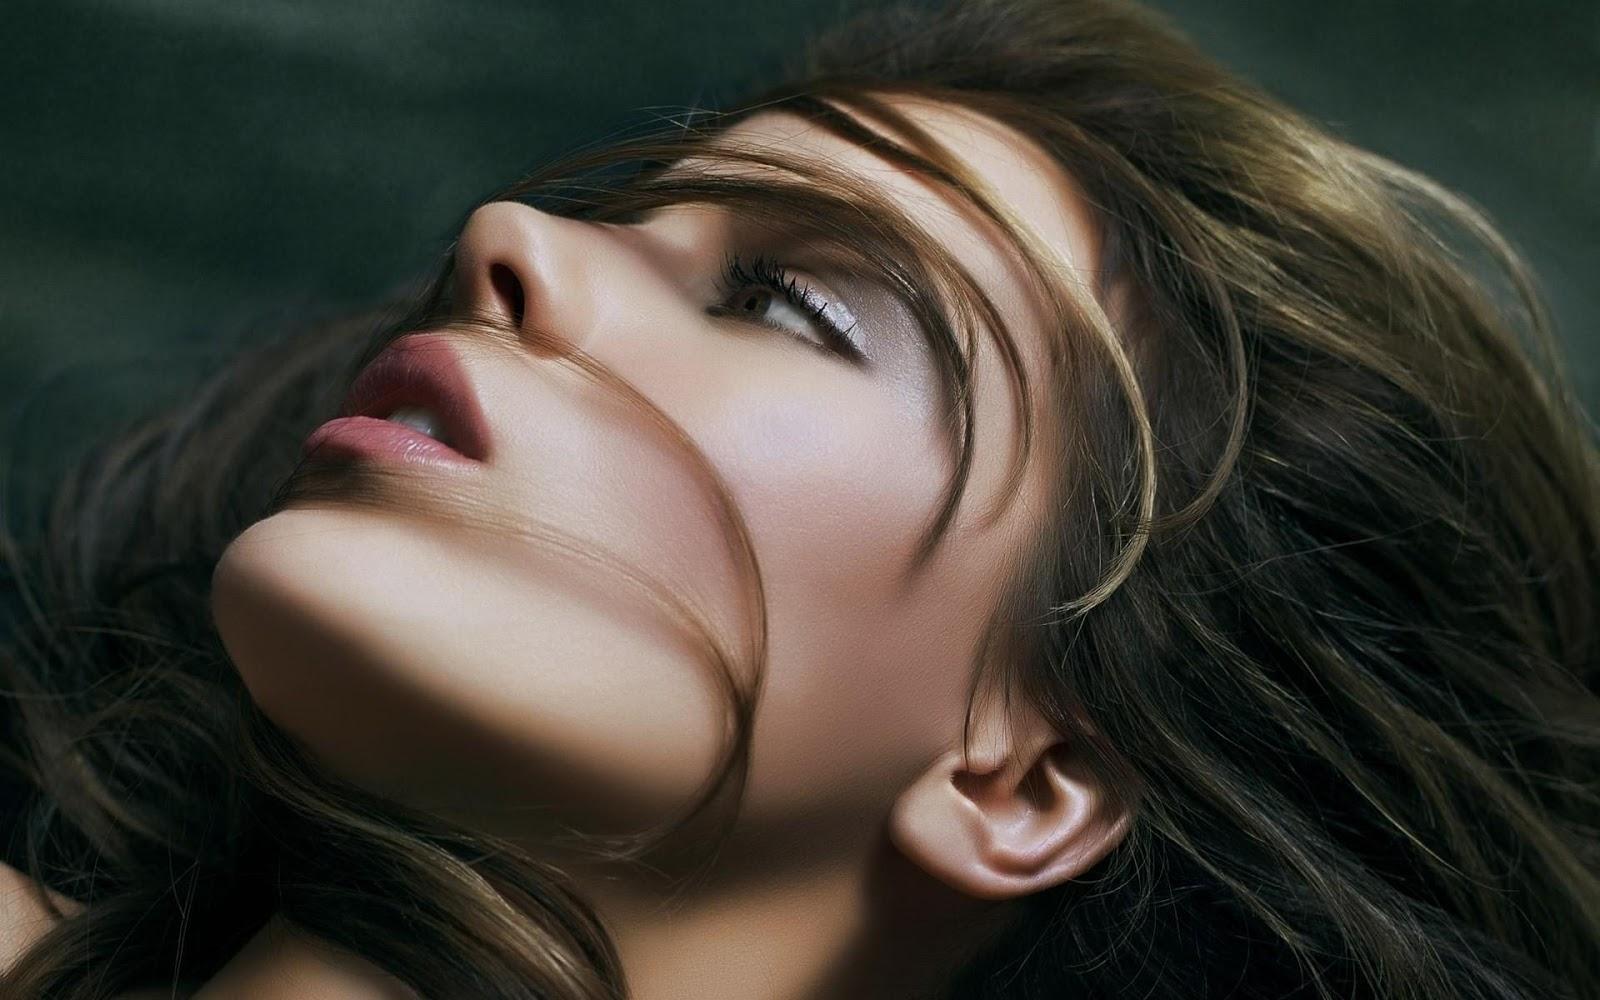 Beautiful Faces Wallpapers - WallpaperSafari